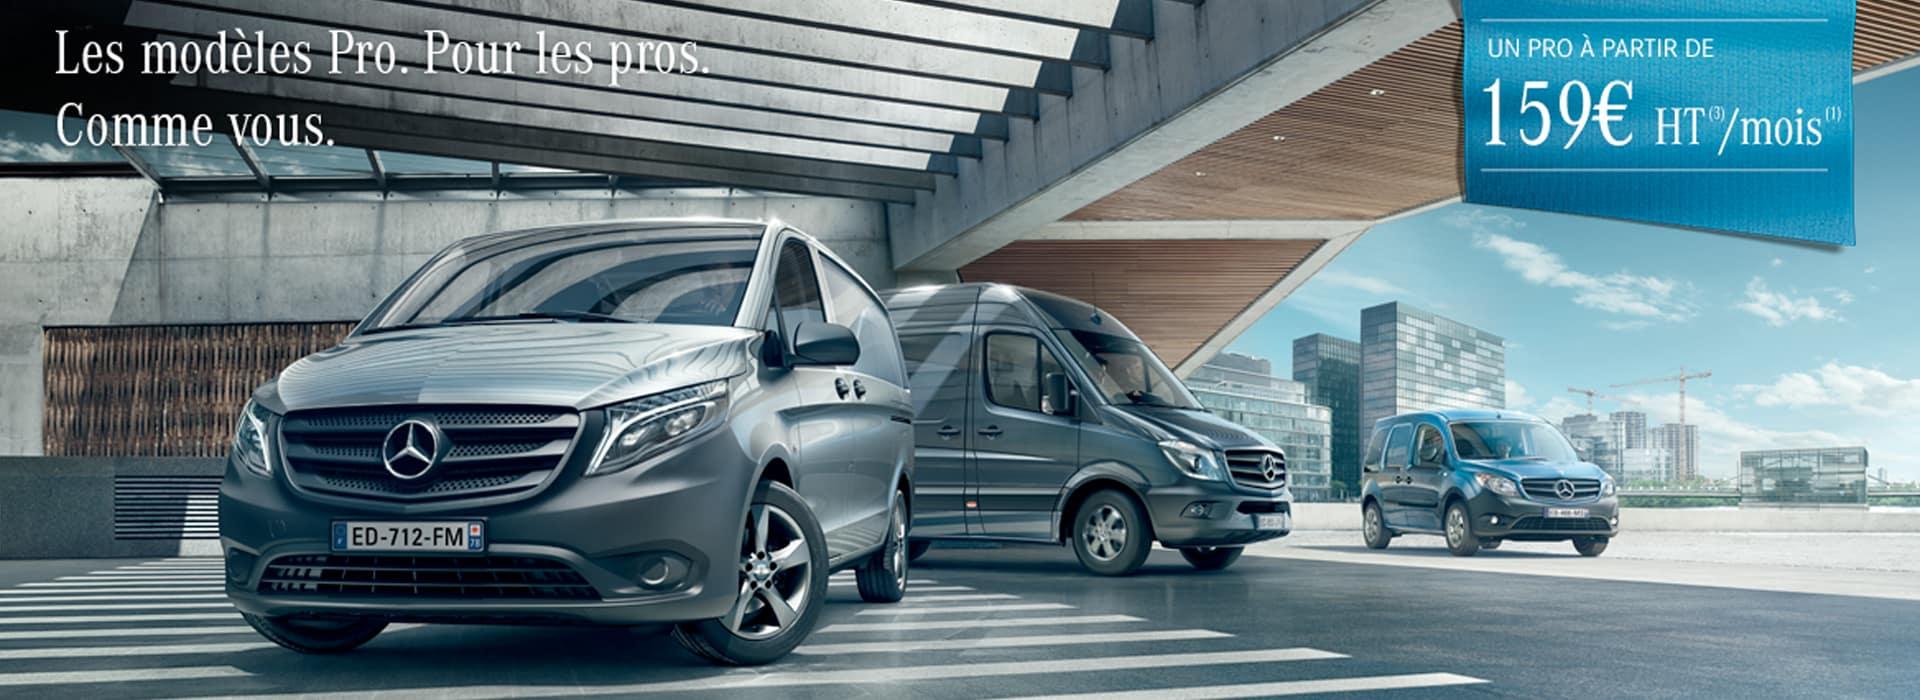 Mercedes benz utilitaires niort concessionnaire garage for Garage mercedes pellouailles les vignes